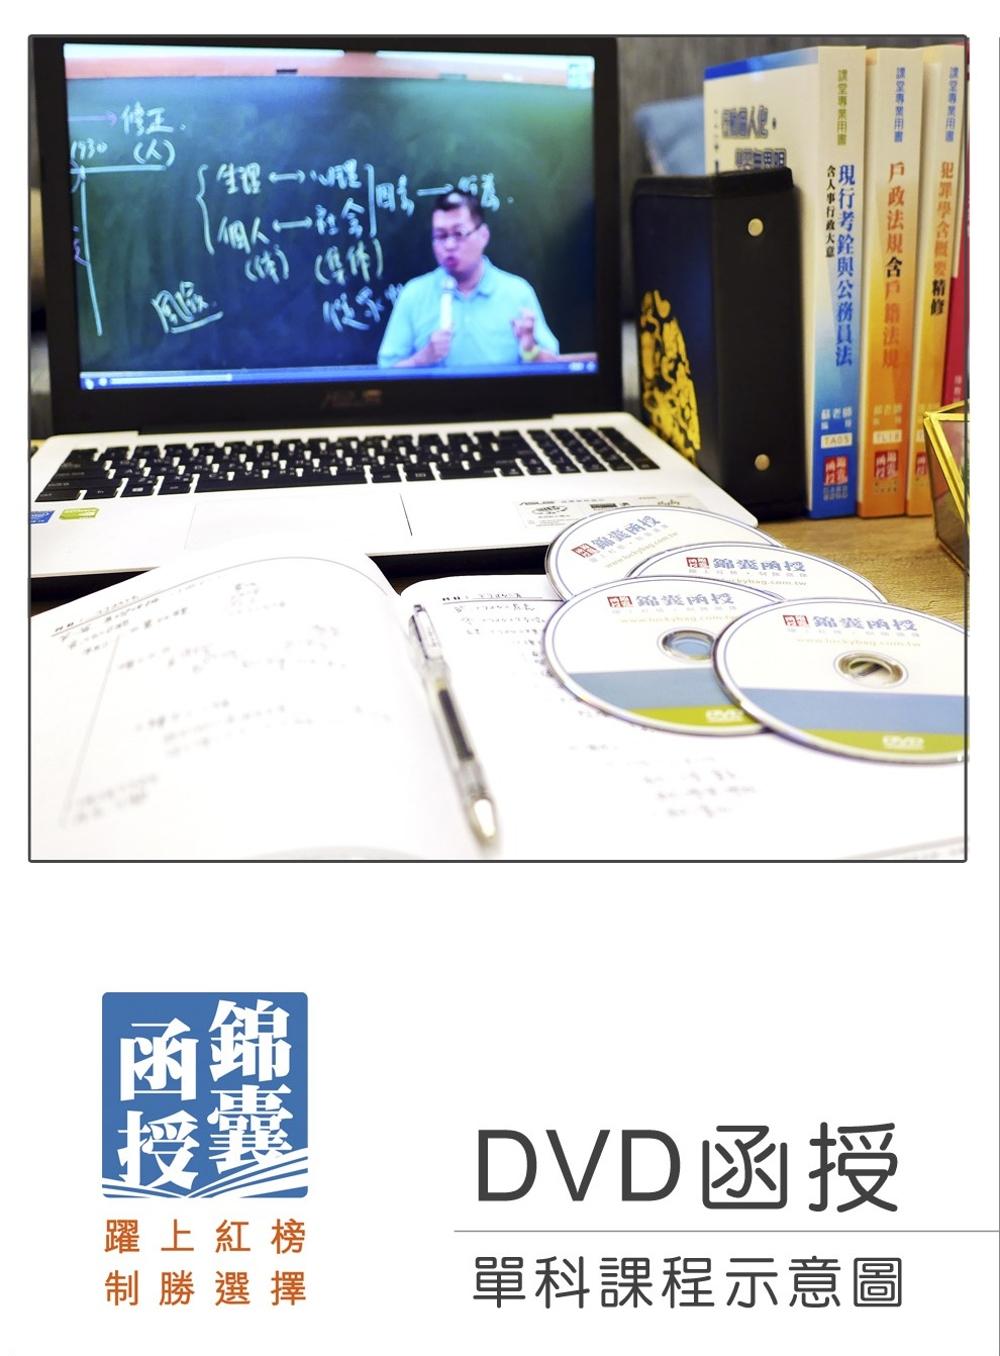 【DVD函授】鐵路運輸學(含運輸學)單科課程(107版)